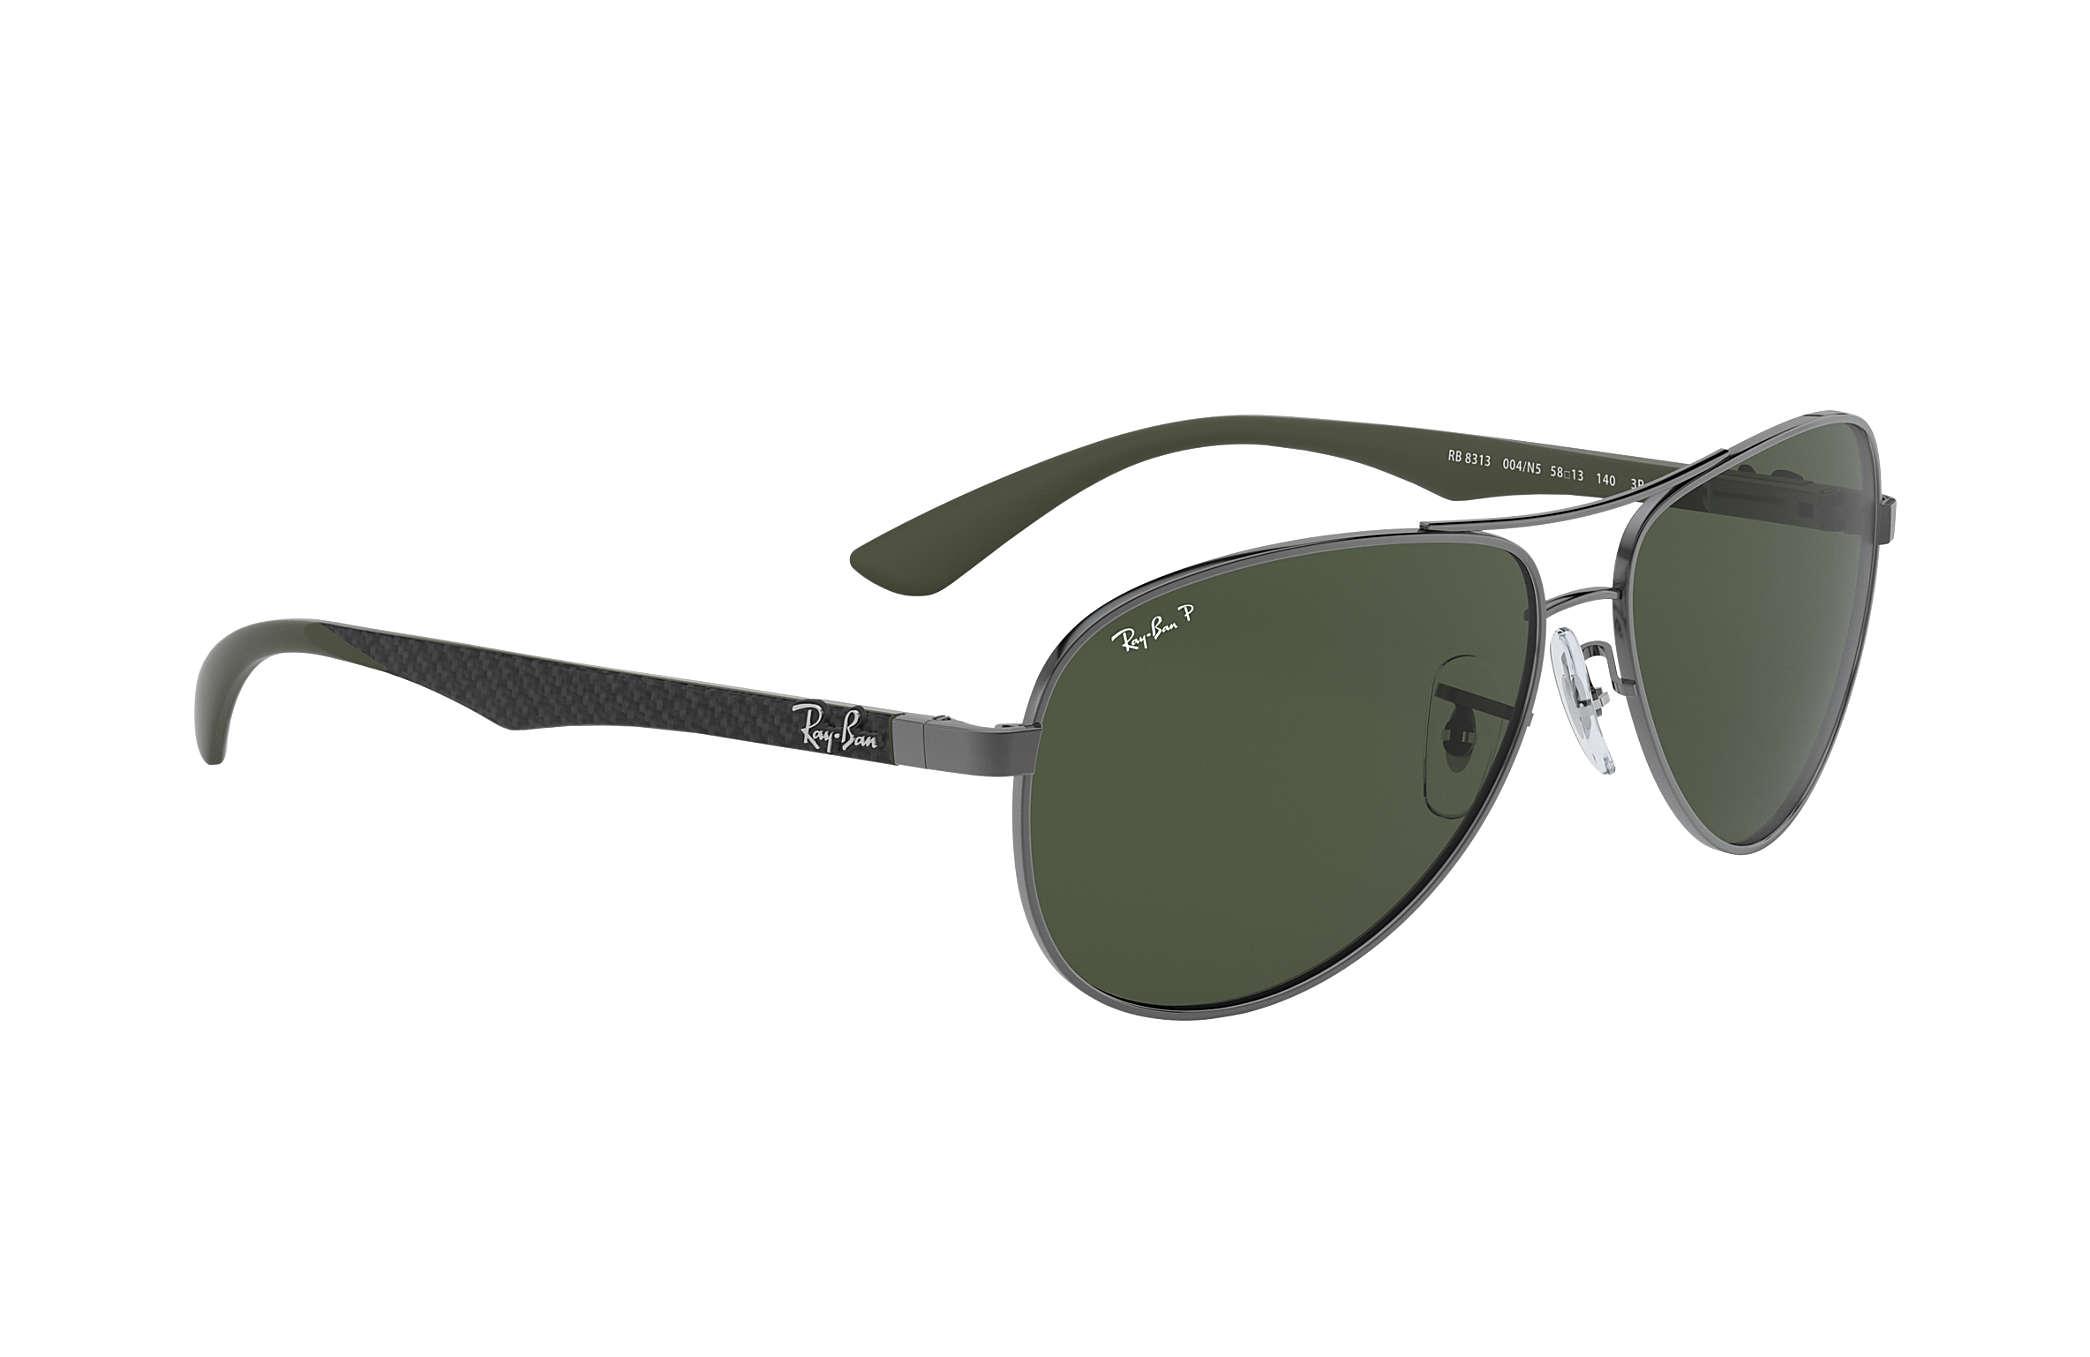 9fd7e8a0c05d6 Ray-Ban RB8313 Gunmetal - Carbon Fibre - Green Polarized Lenses ...